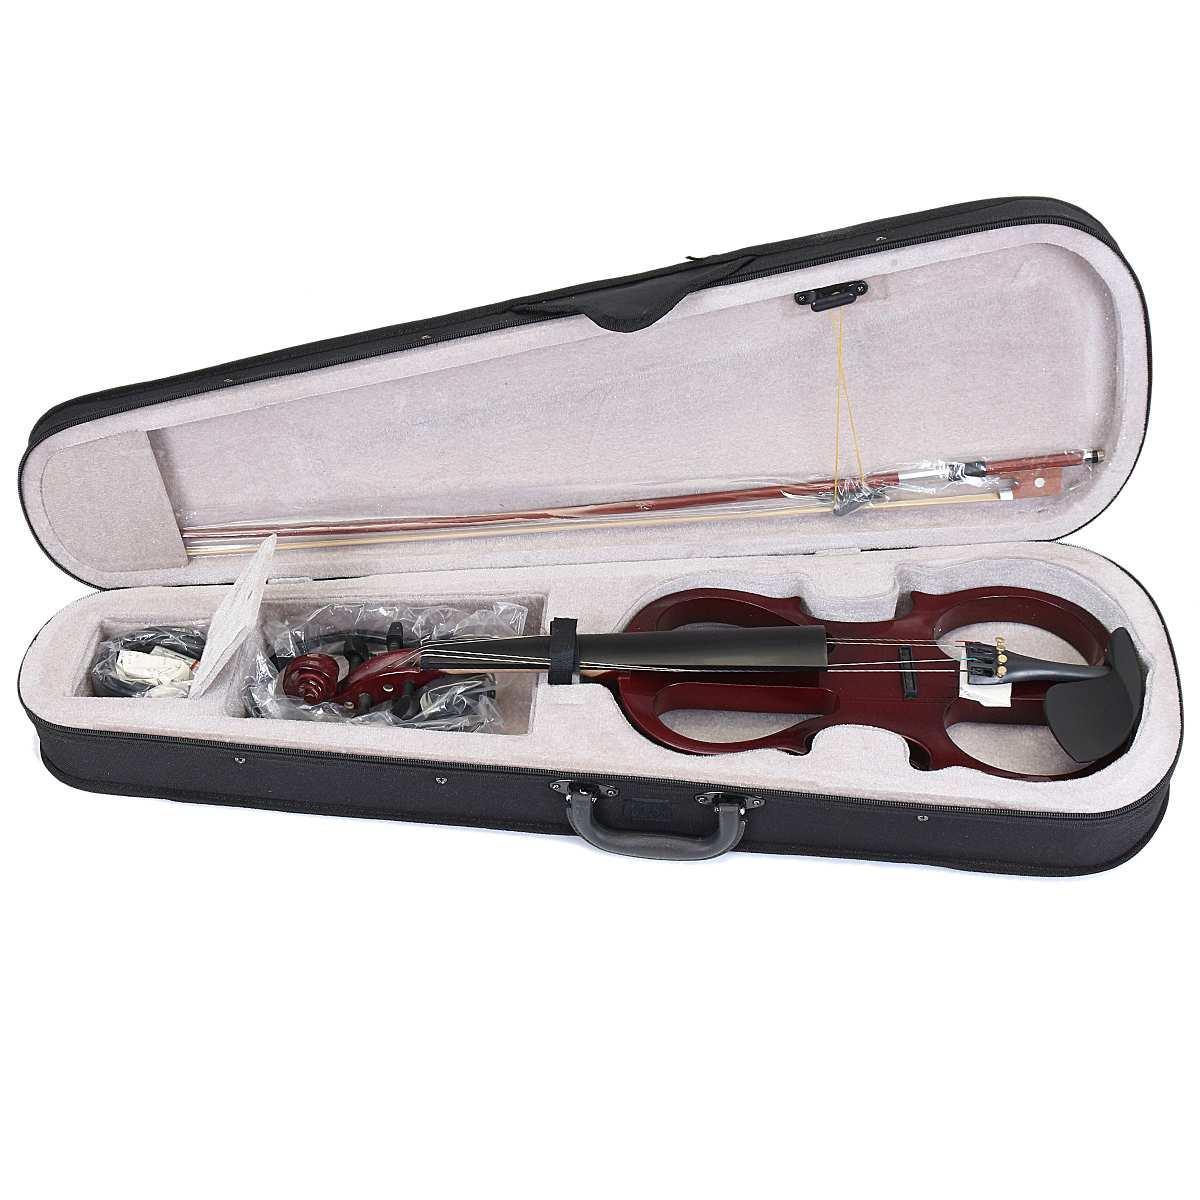 SENRHY 4/4 eléctrico del violín del violín Instrumento de cuerdas de tilo con accesorios de cable de los auriculares de casos para la música de los amantes de los principiantes